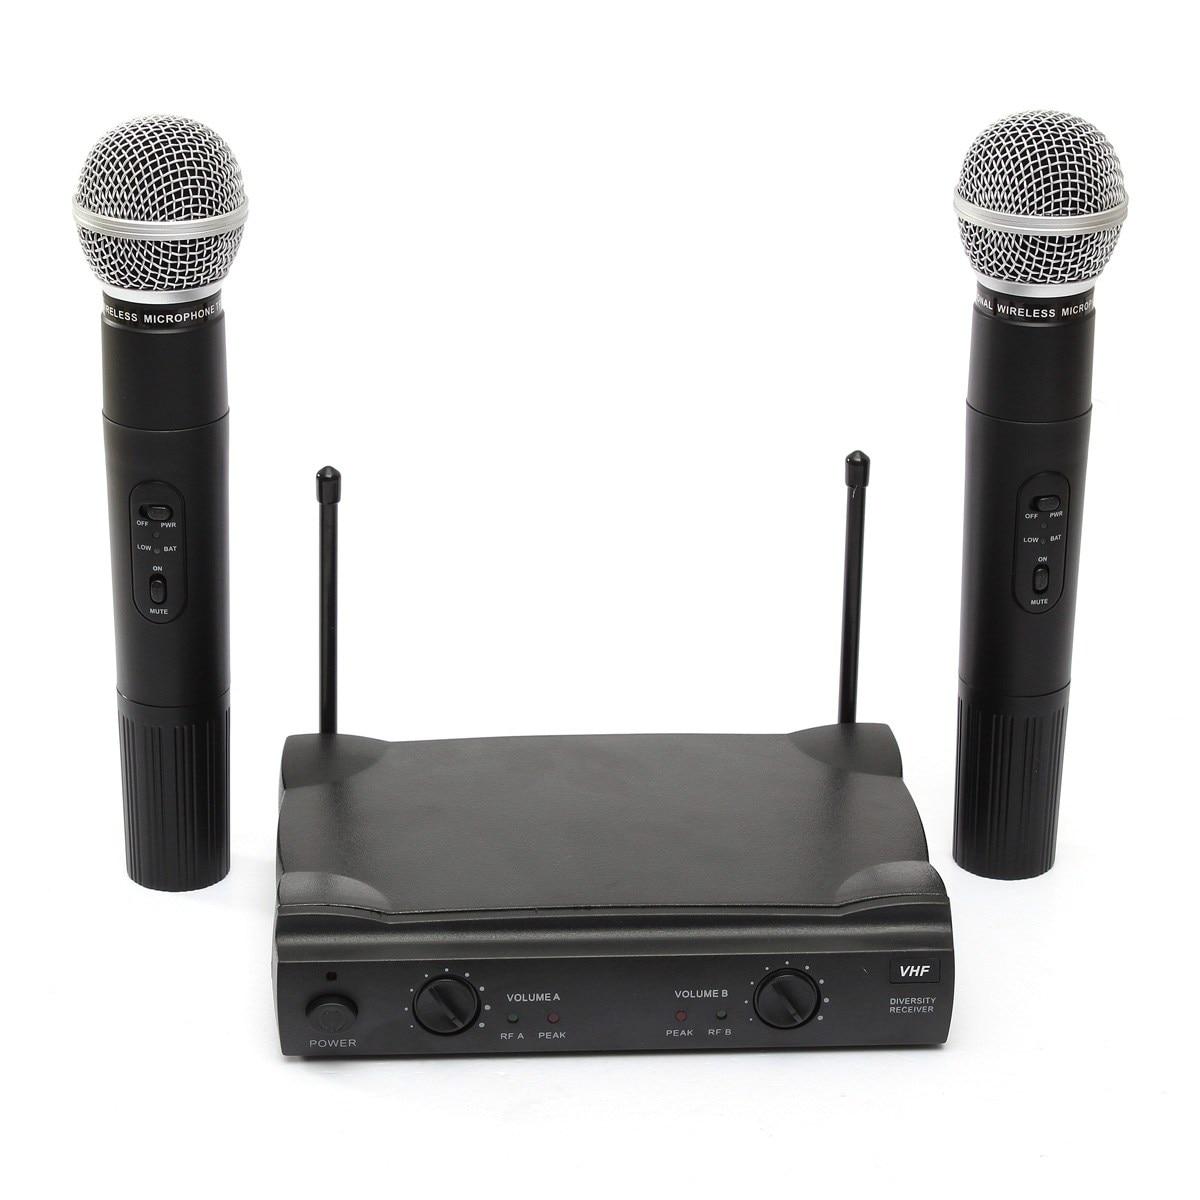 LEORY système de Microphone sans fil karaoké professionnel avec connecteur et récepteur Microphone à condensateur double micro pour le chant KTV - 2